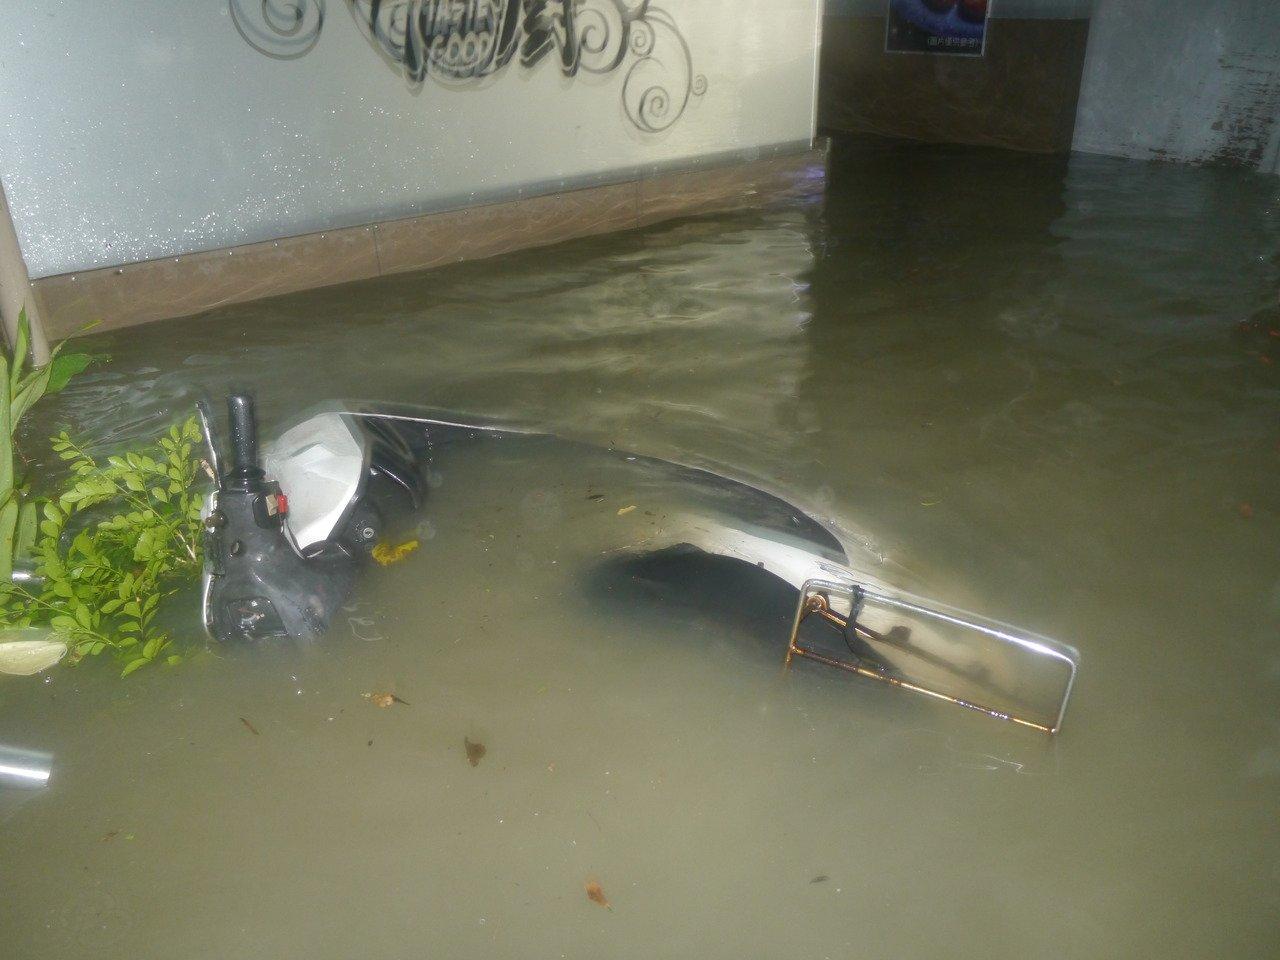 機車淹水浸泡在水中。記者徐白櫻/攝影